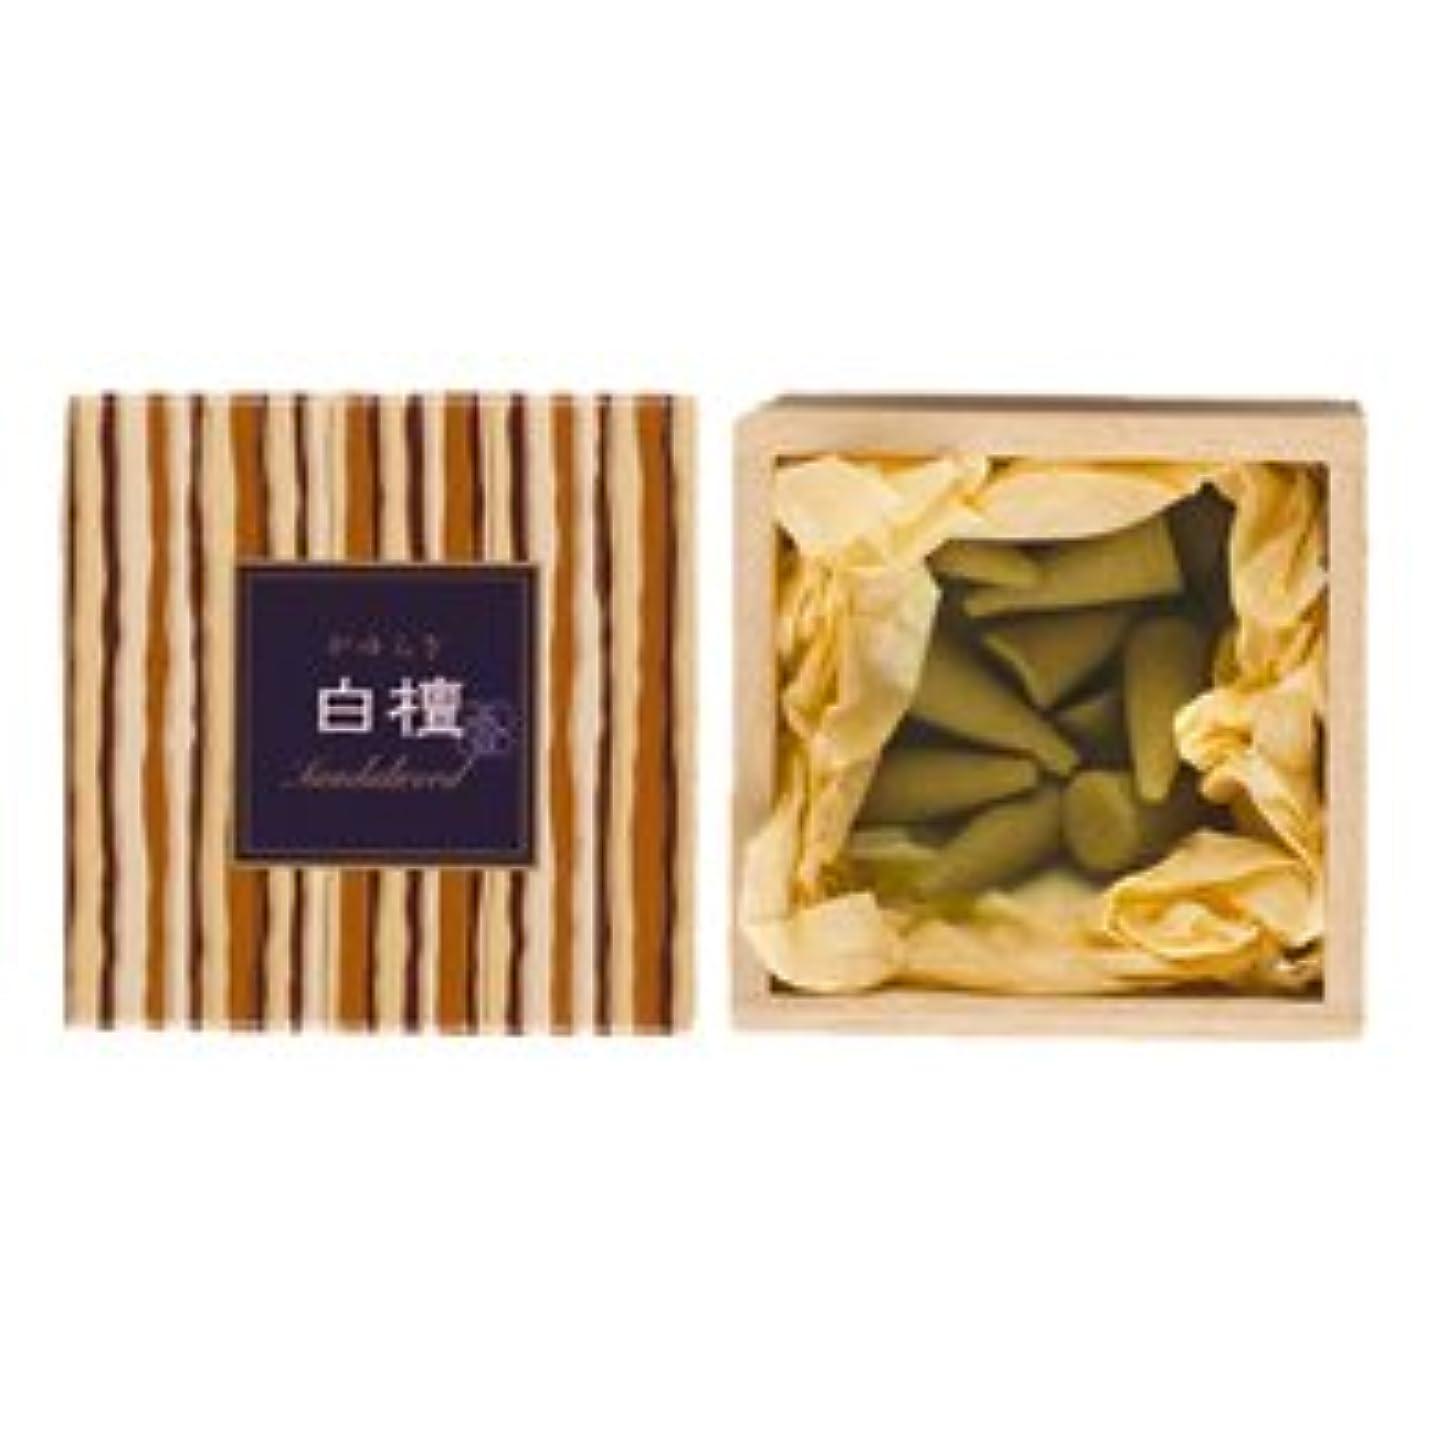 意志に反するシンポジウム擁するかゆらぎ お香 白檀 コーン 香立付 12個 【日本香堂】